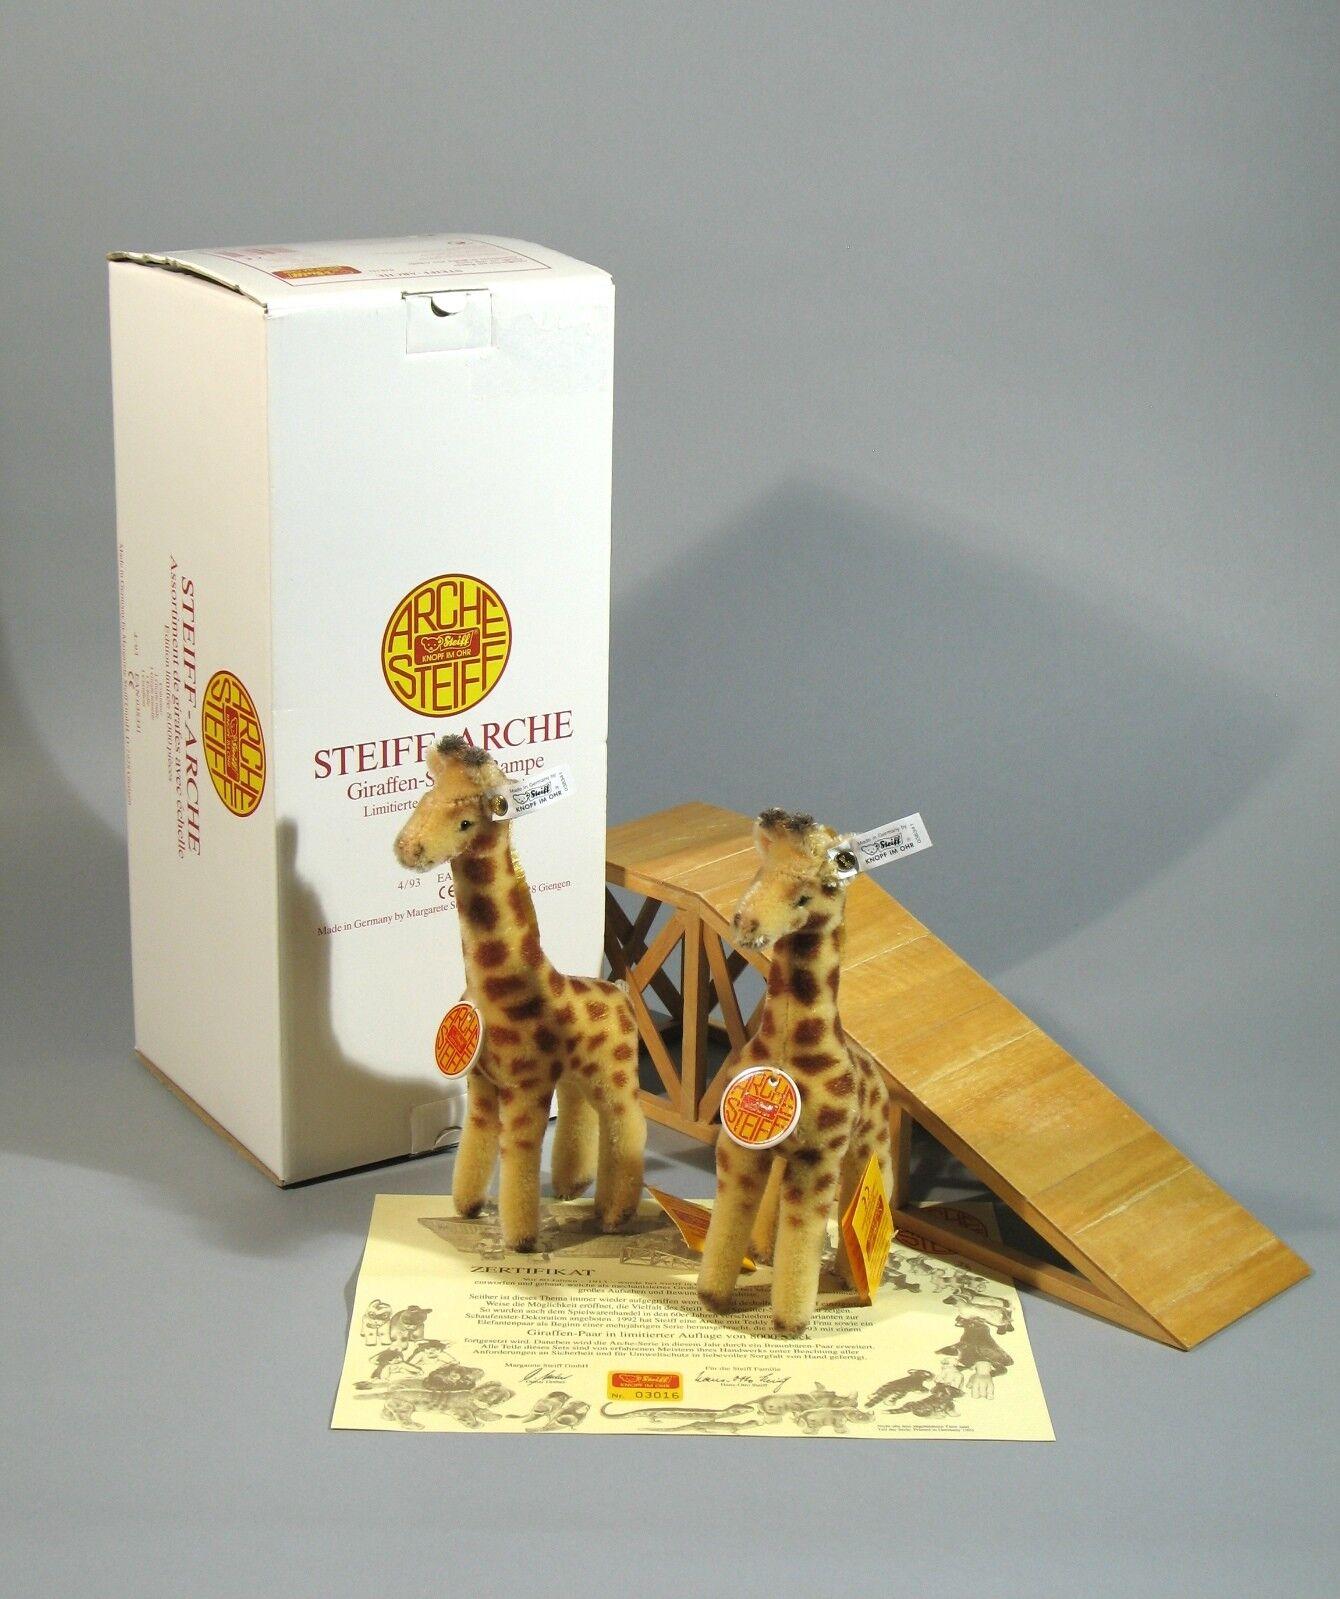 Steiff Arche Ark Giraffen Giraffe Set 038341 KFS Waschanleitung Zertifikat OVP